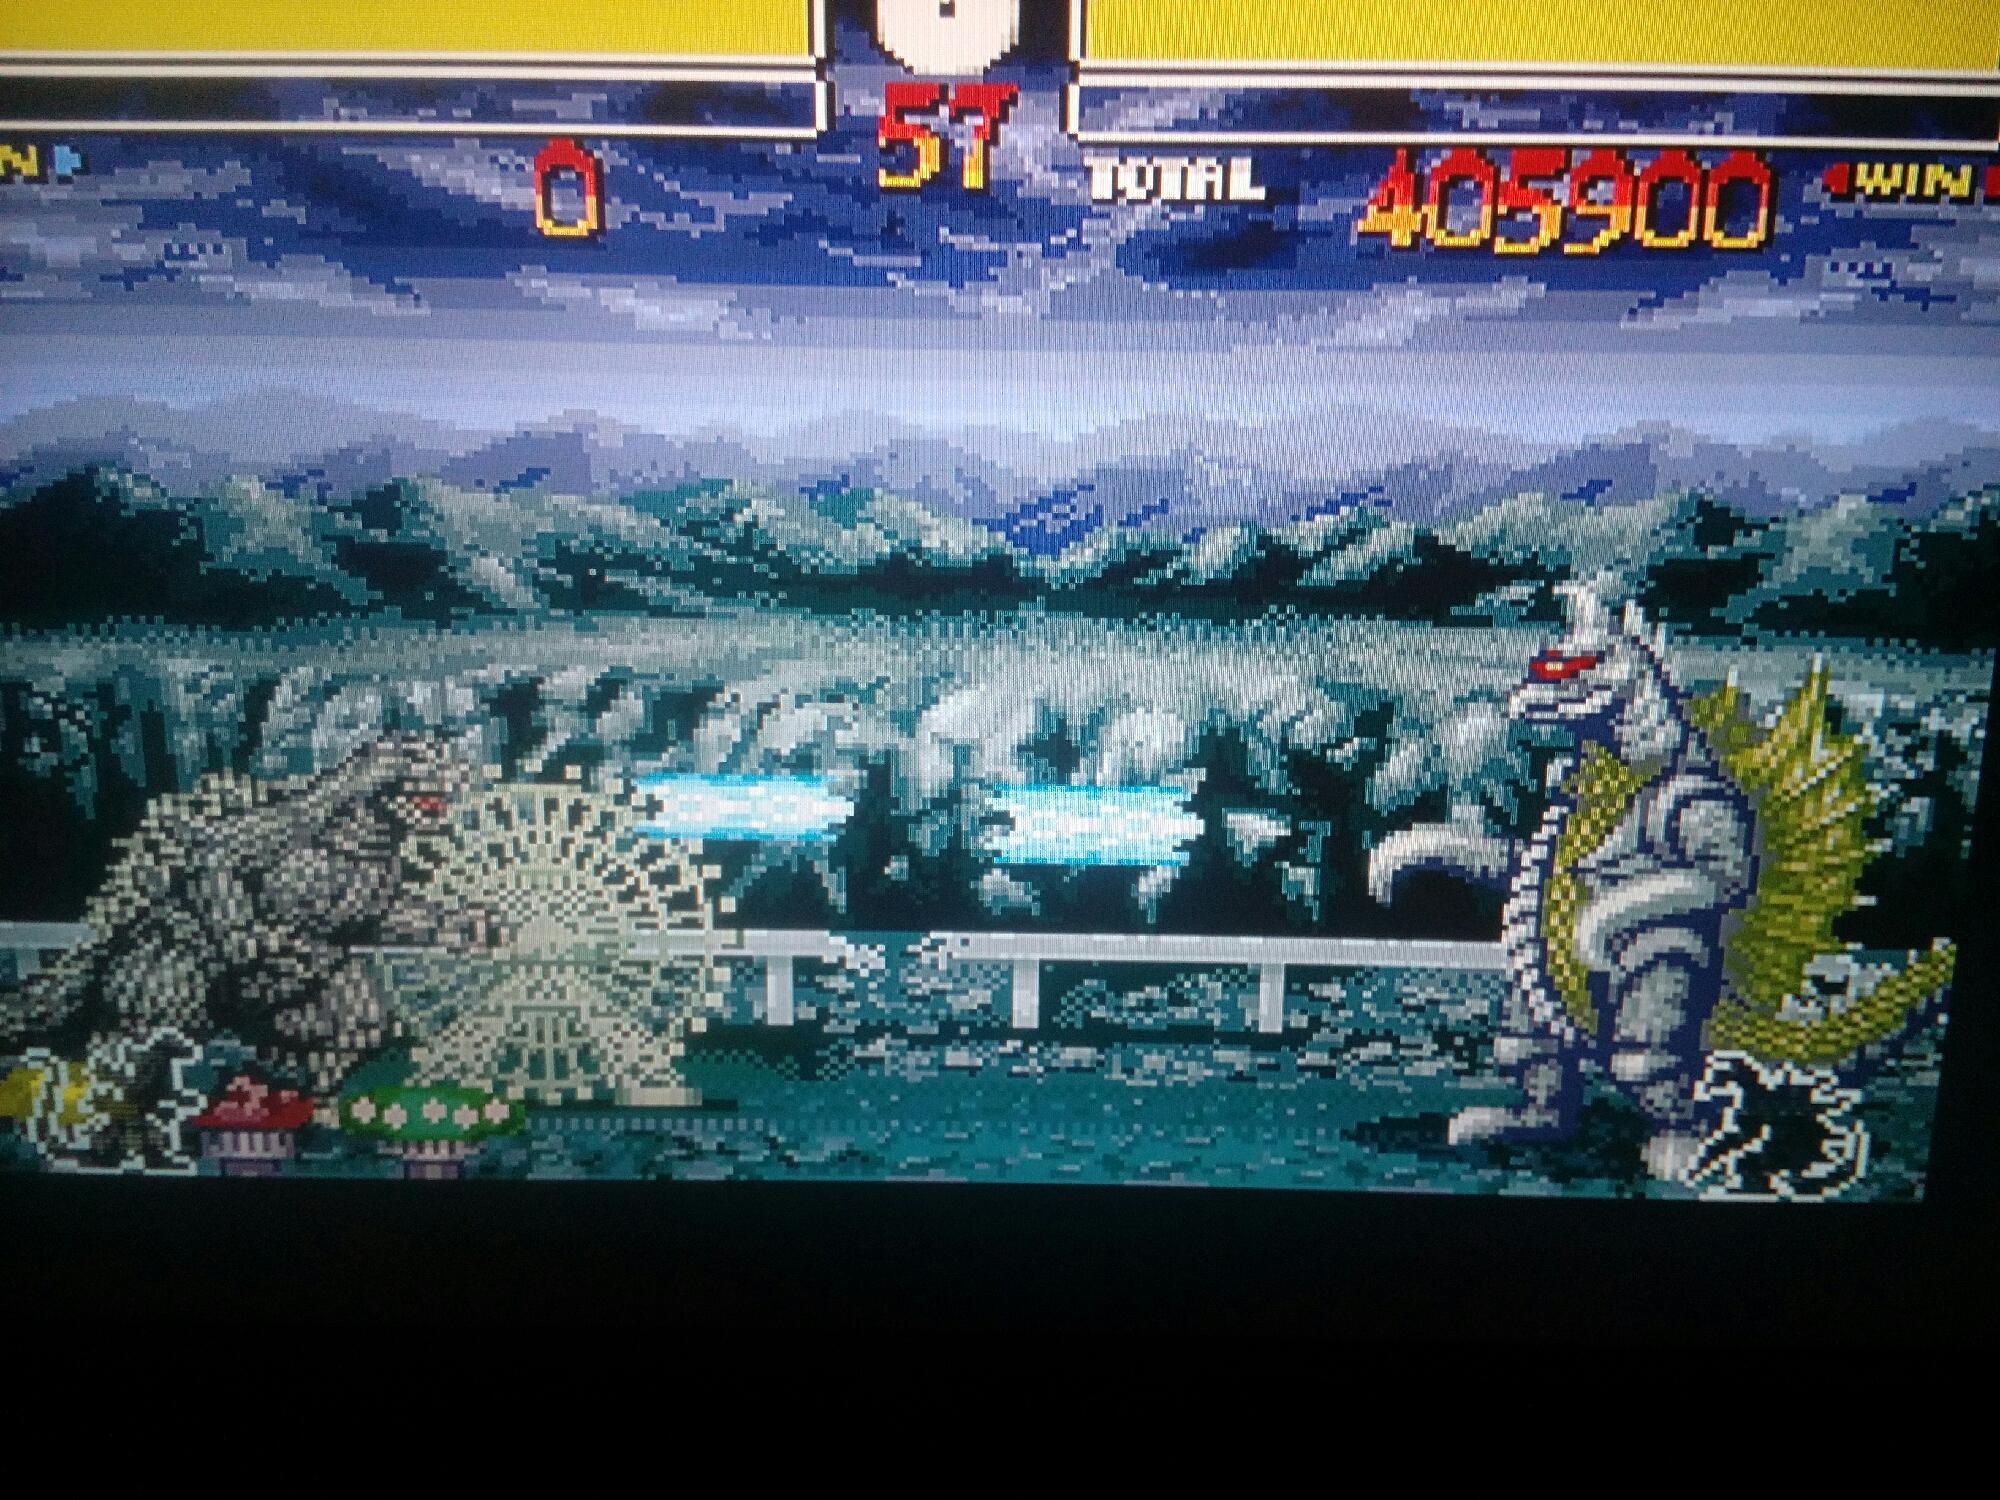 Godzilla v.s gigan